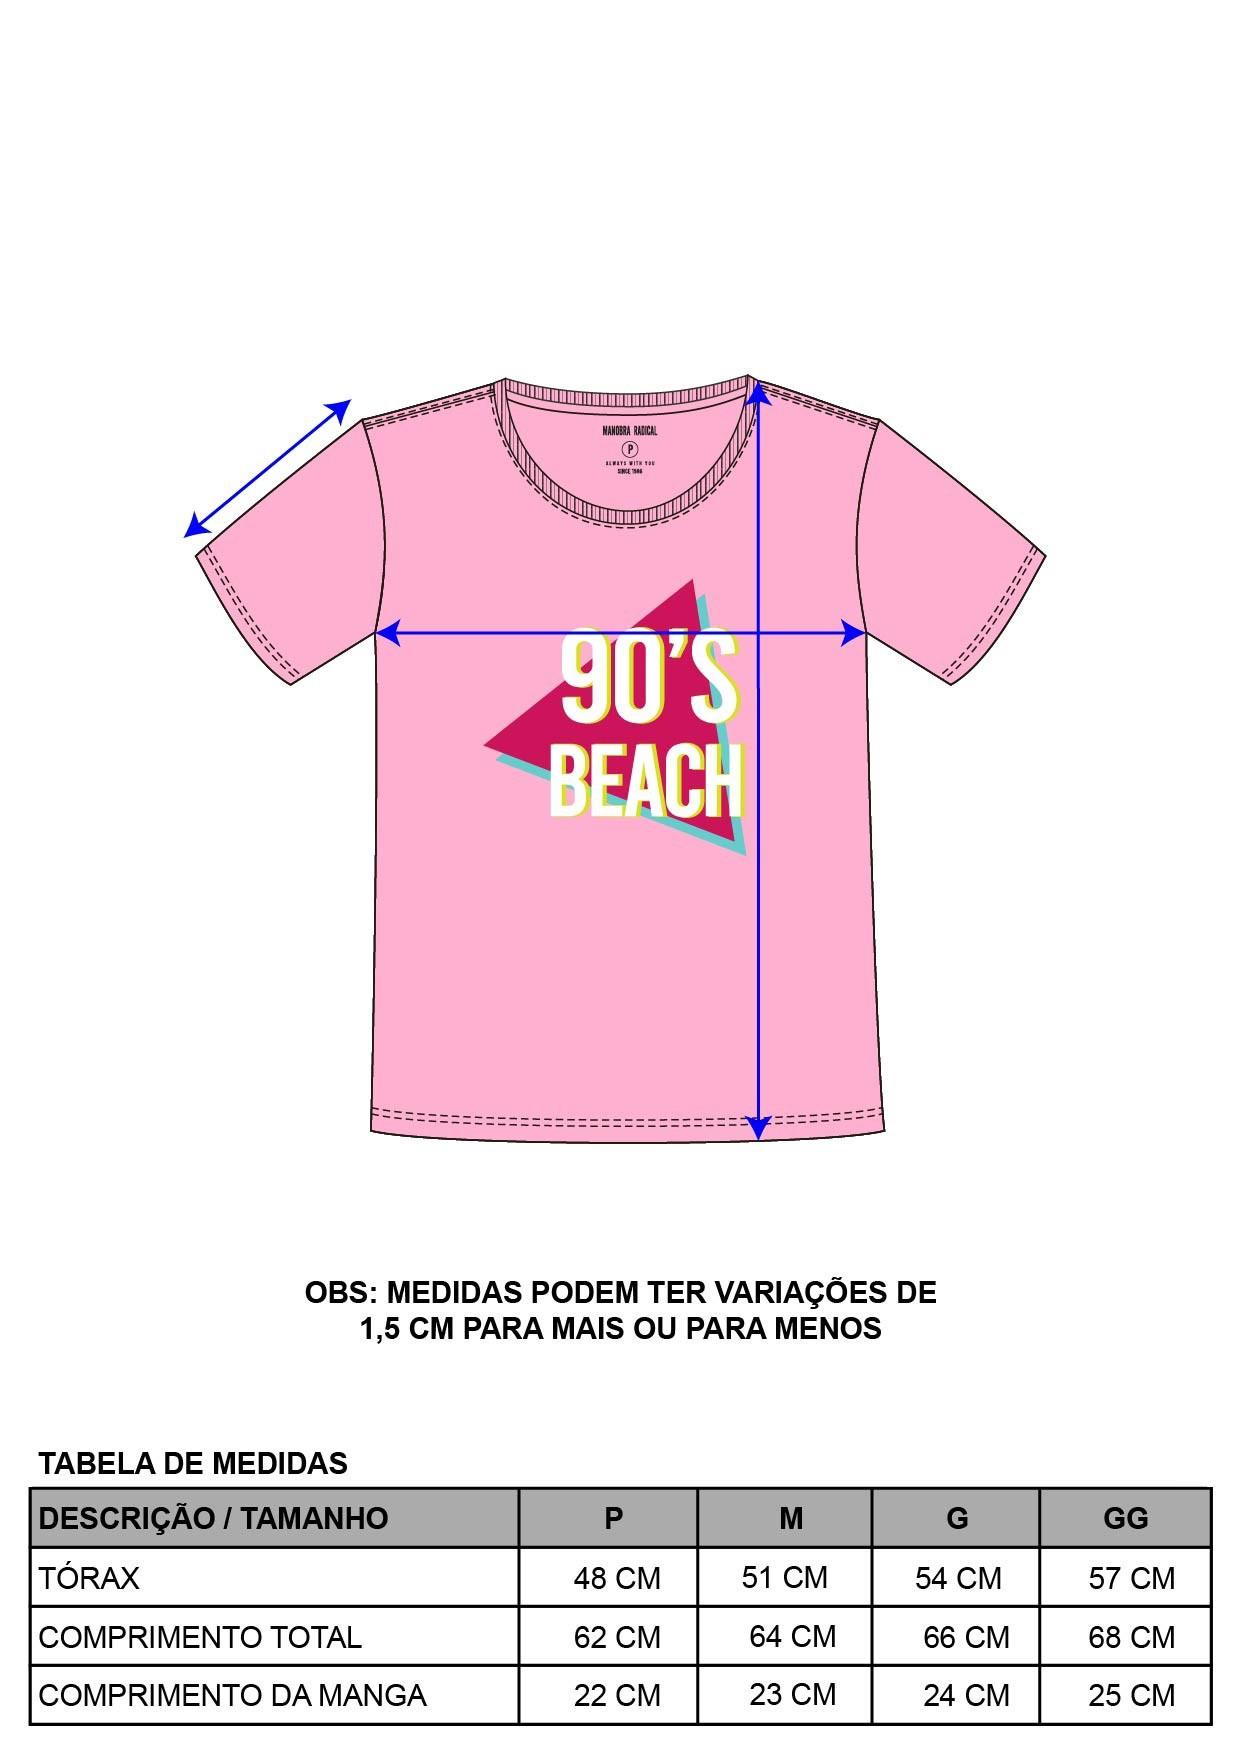 Blusa Estampa 90's Beach